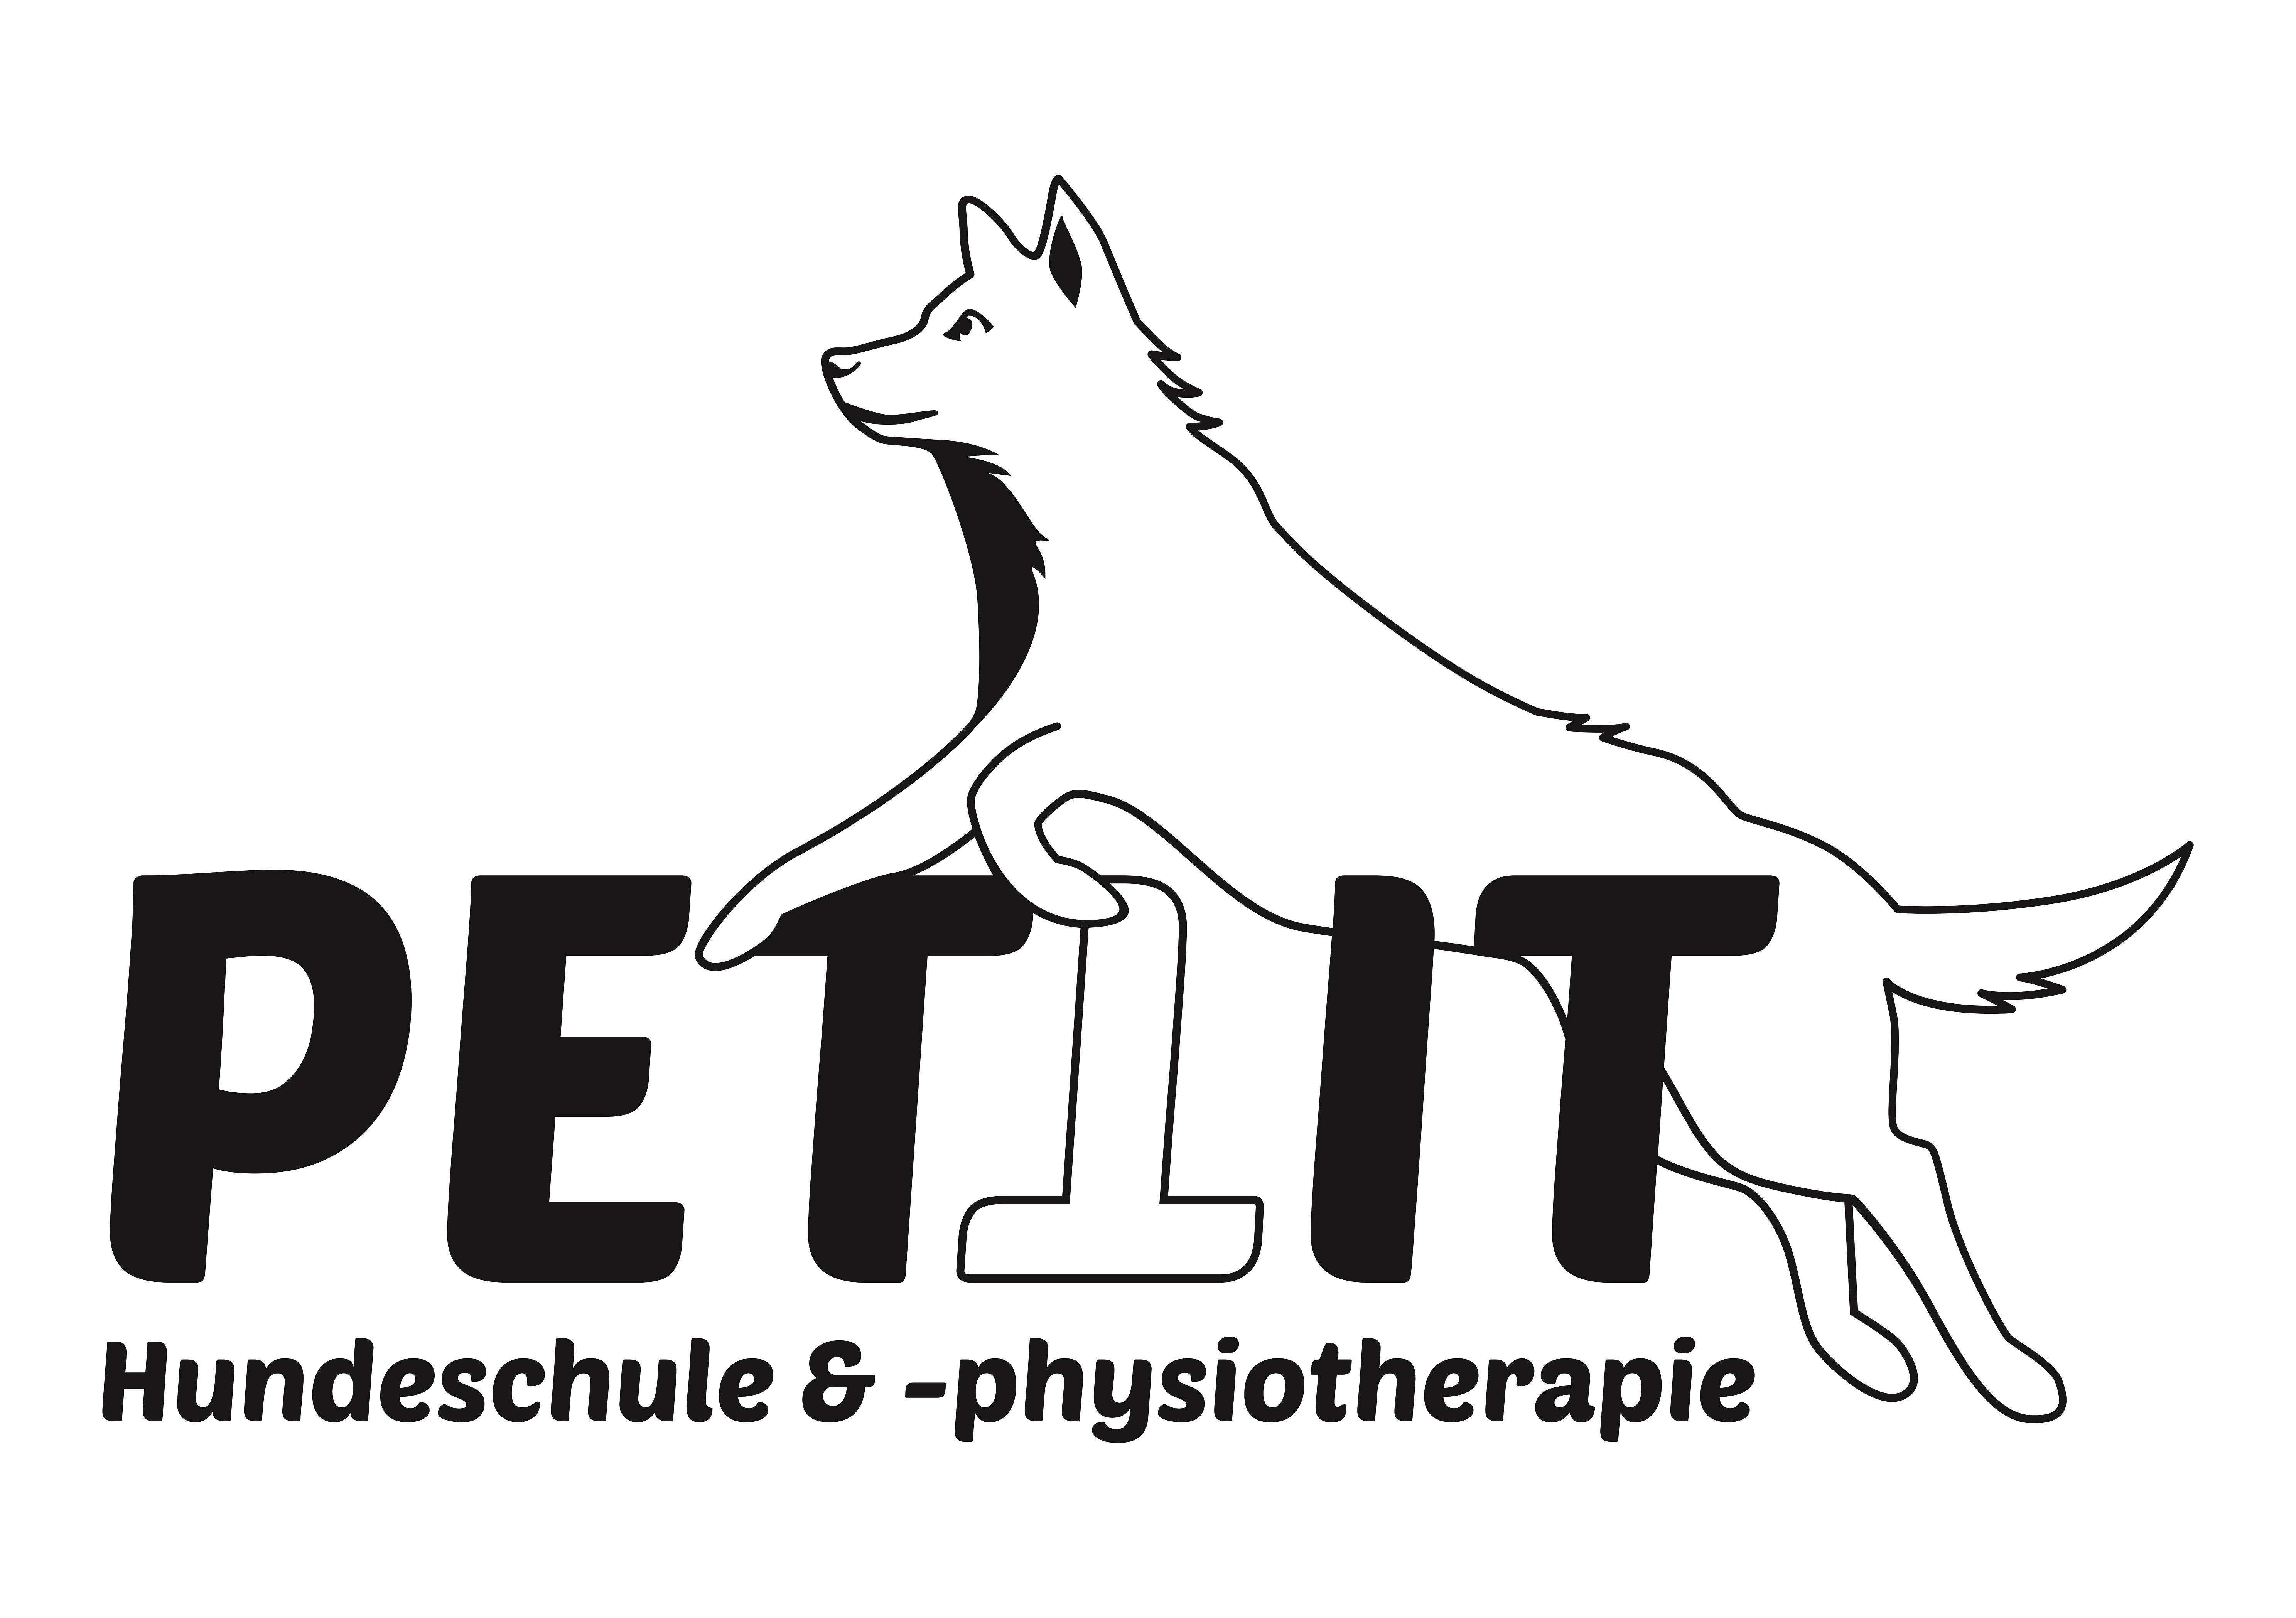 Tolle Hund äußere Anatomie Galerie - Menschliche Anatomie Bilder ...